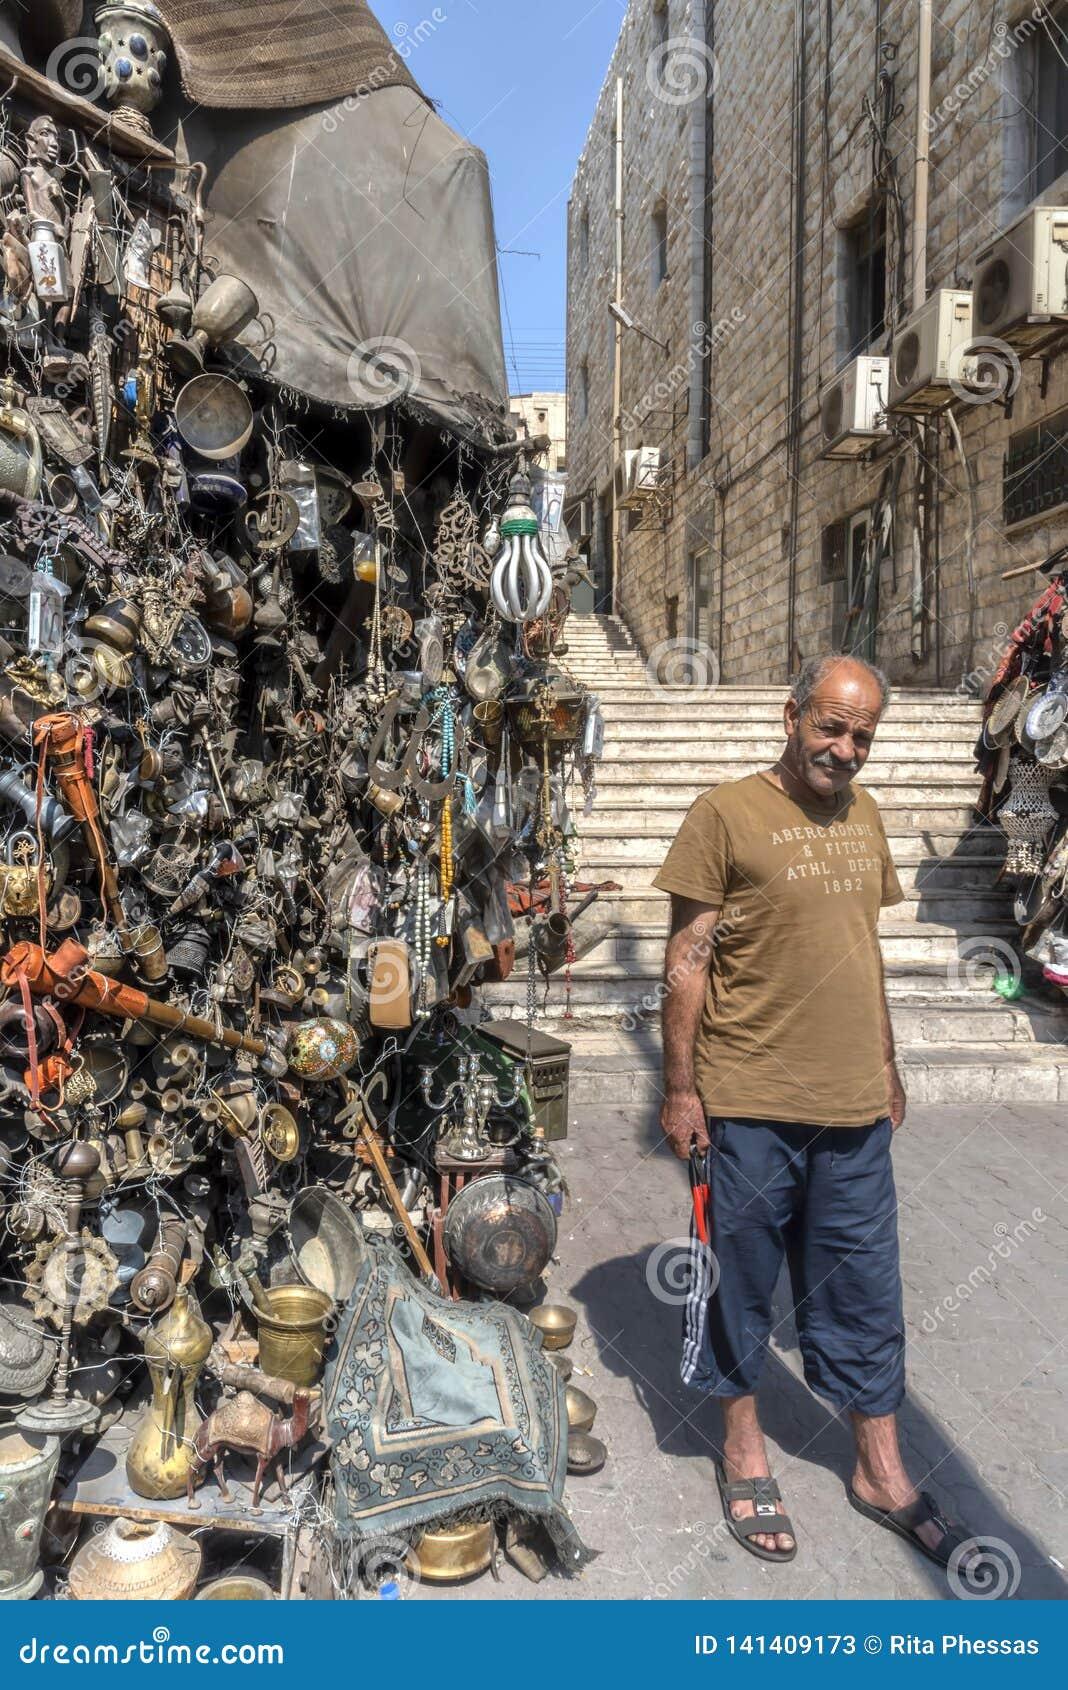 Jordânia, Amman 19-09-2017 Ideia da tenda do mercado em uma rua movimentada em Amman, em um dia quente ensolarado Milhares de cai